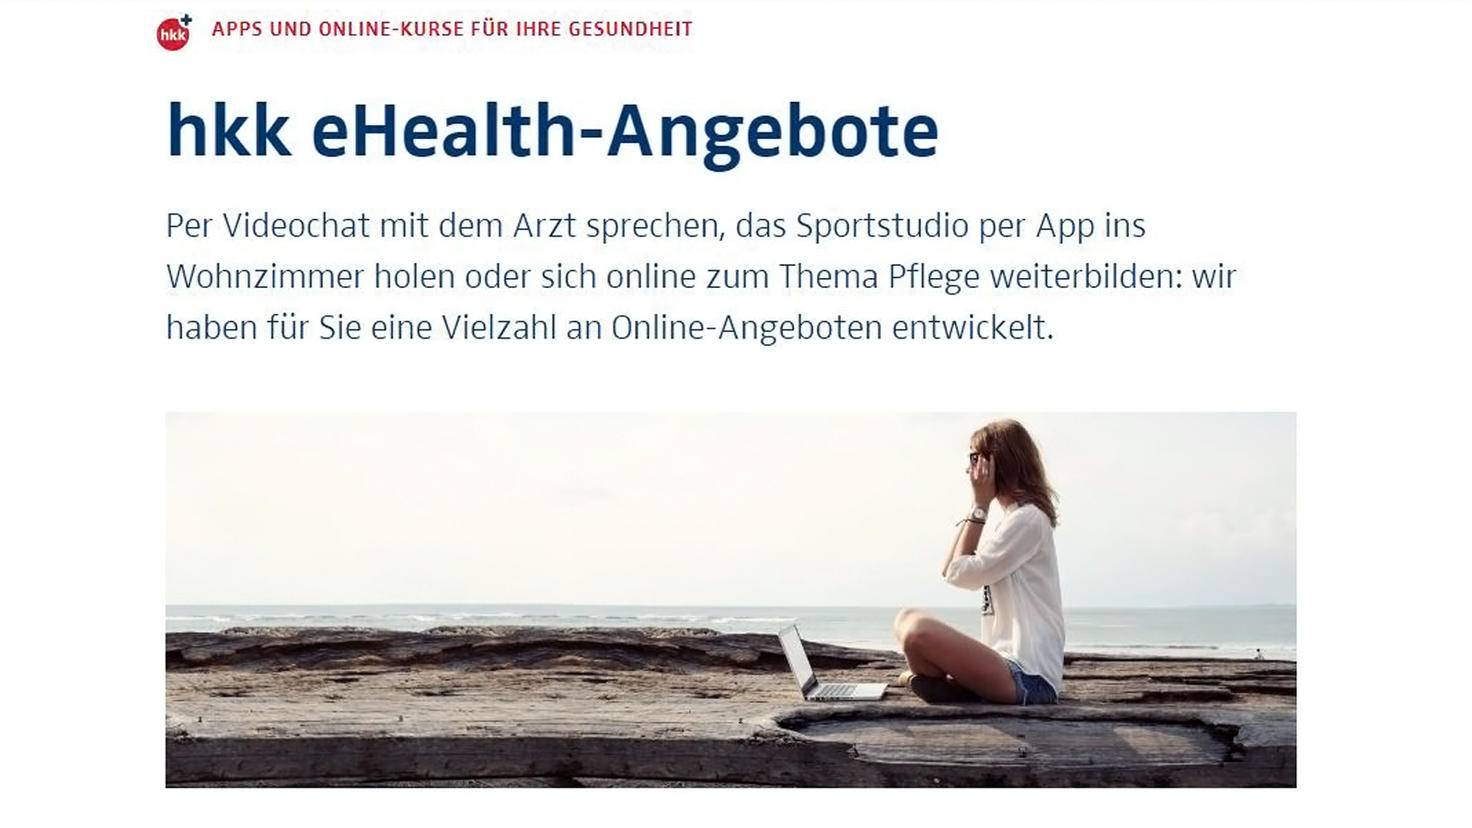 HKK eHealth Angebote-Krankenkasse App-HKK